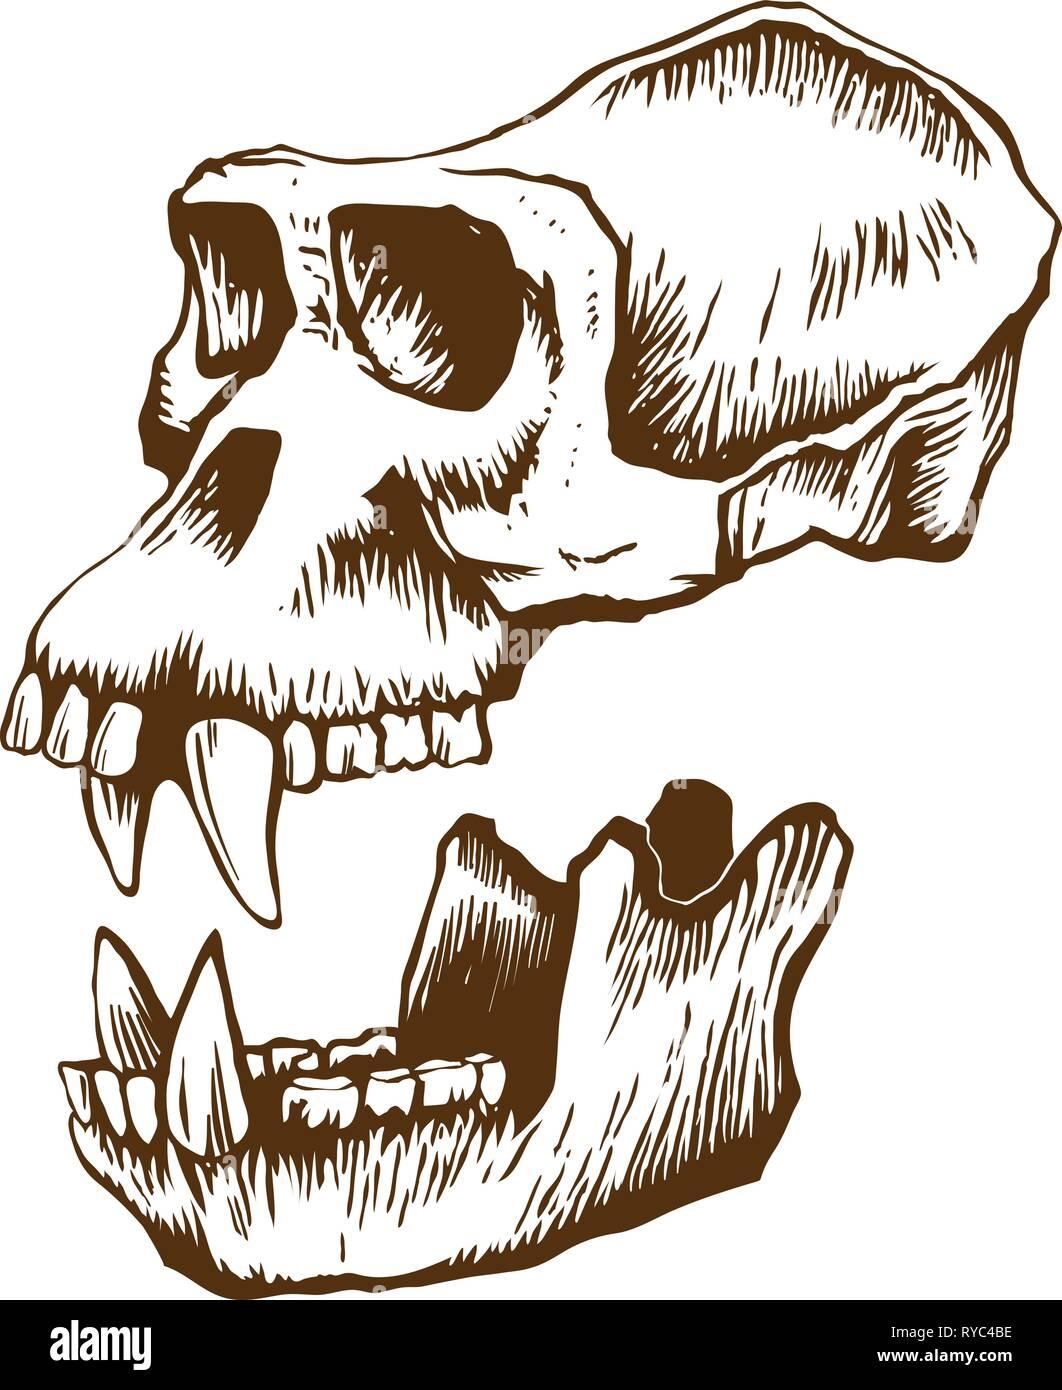 Garrile monkey skull - Stock Image